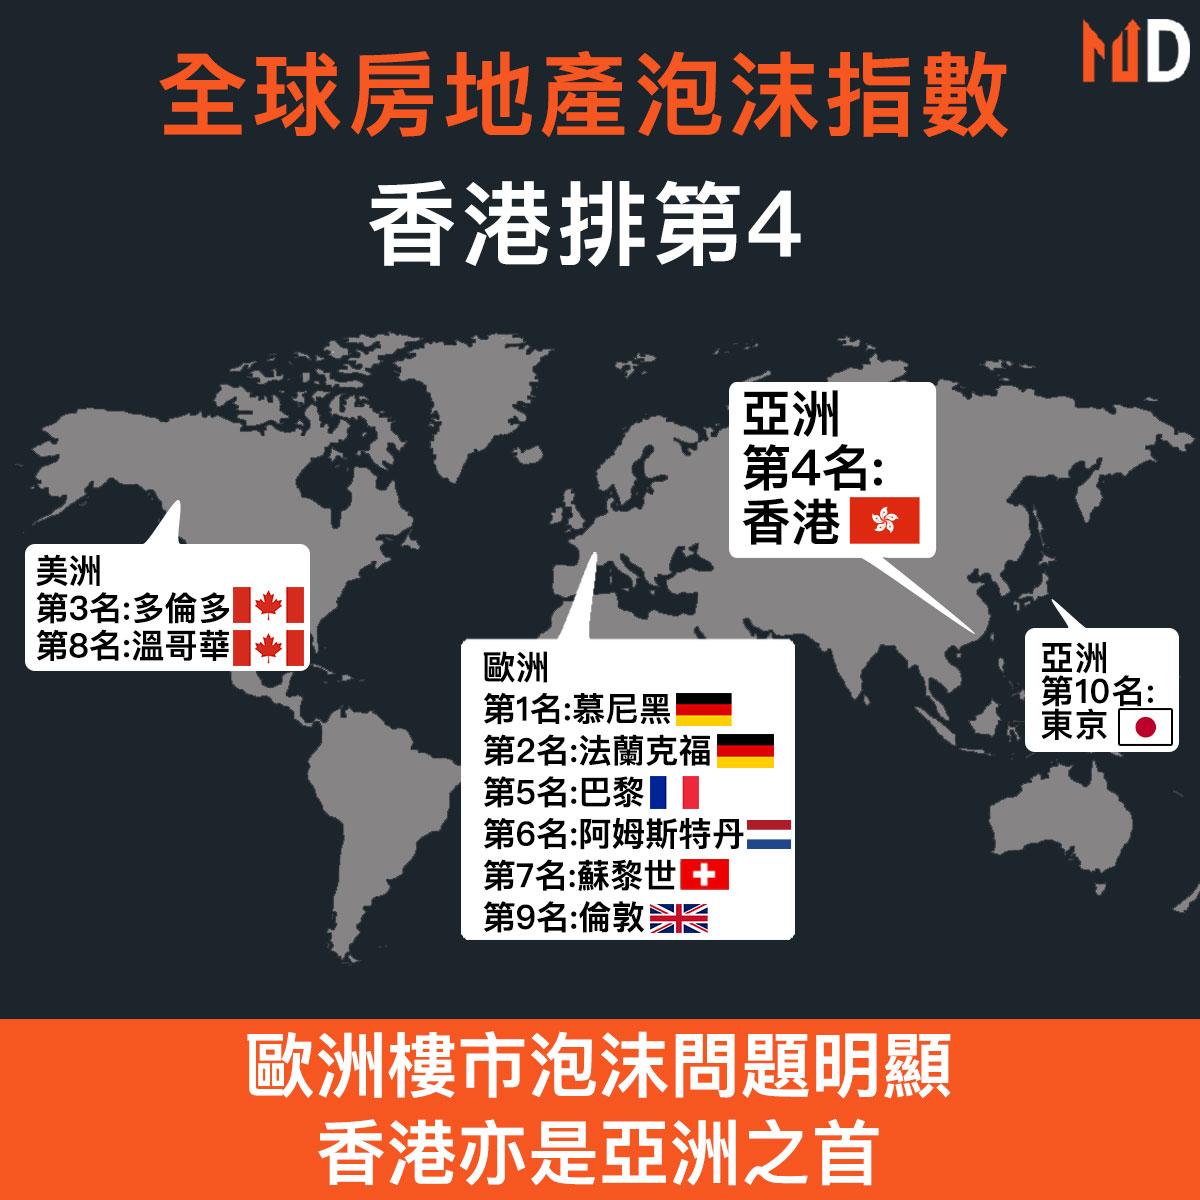 【市場熱話】全球房地產泡沫指數,香港排第4